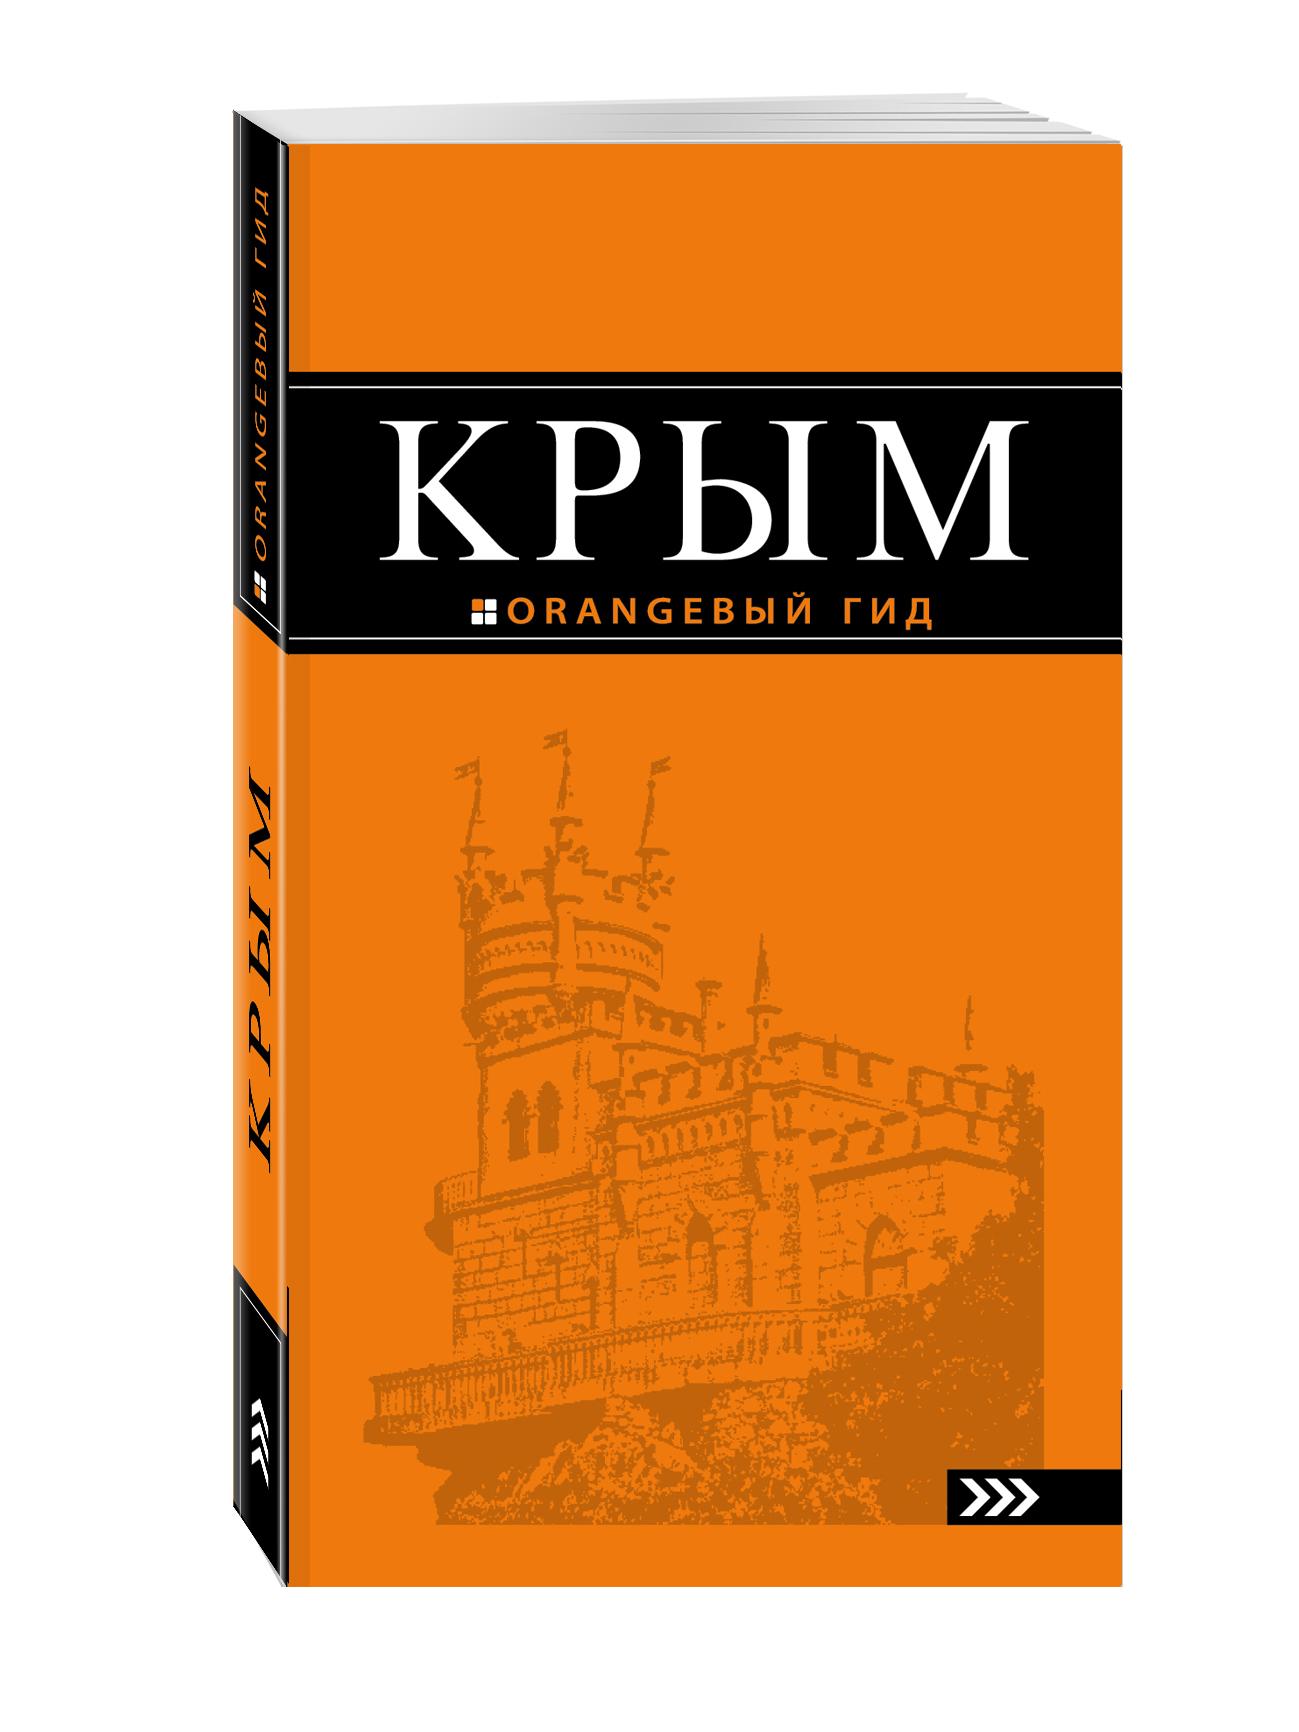 Киселев Д.В. Крым: путеводитель. 7-е изд., испр. и доп.